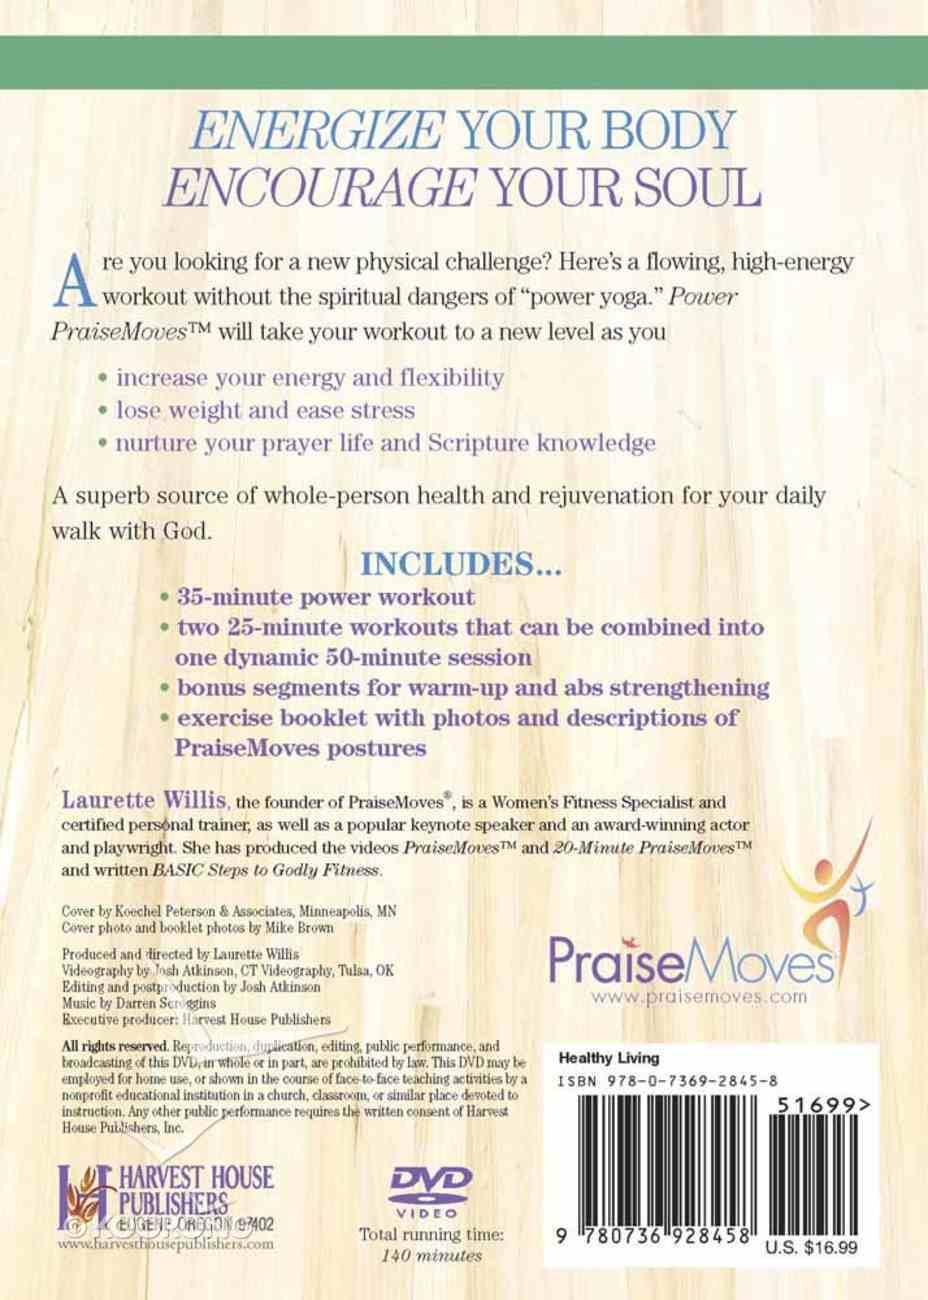 Power Praise Moves DVD